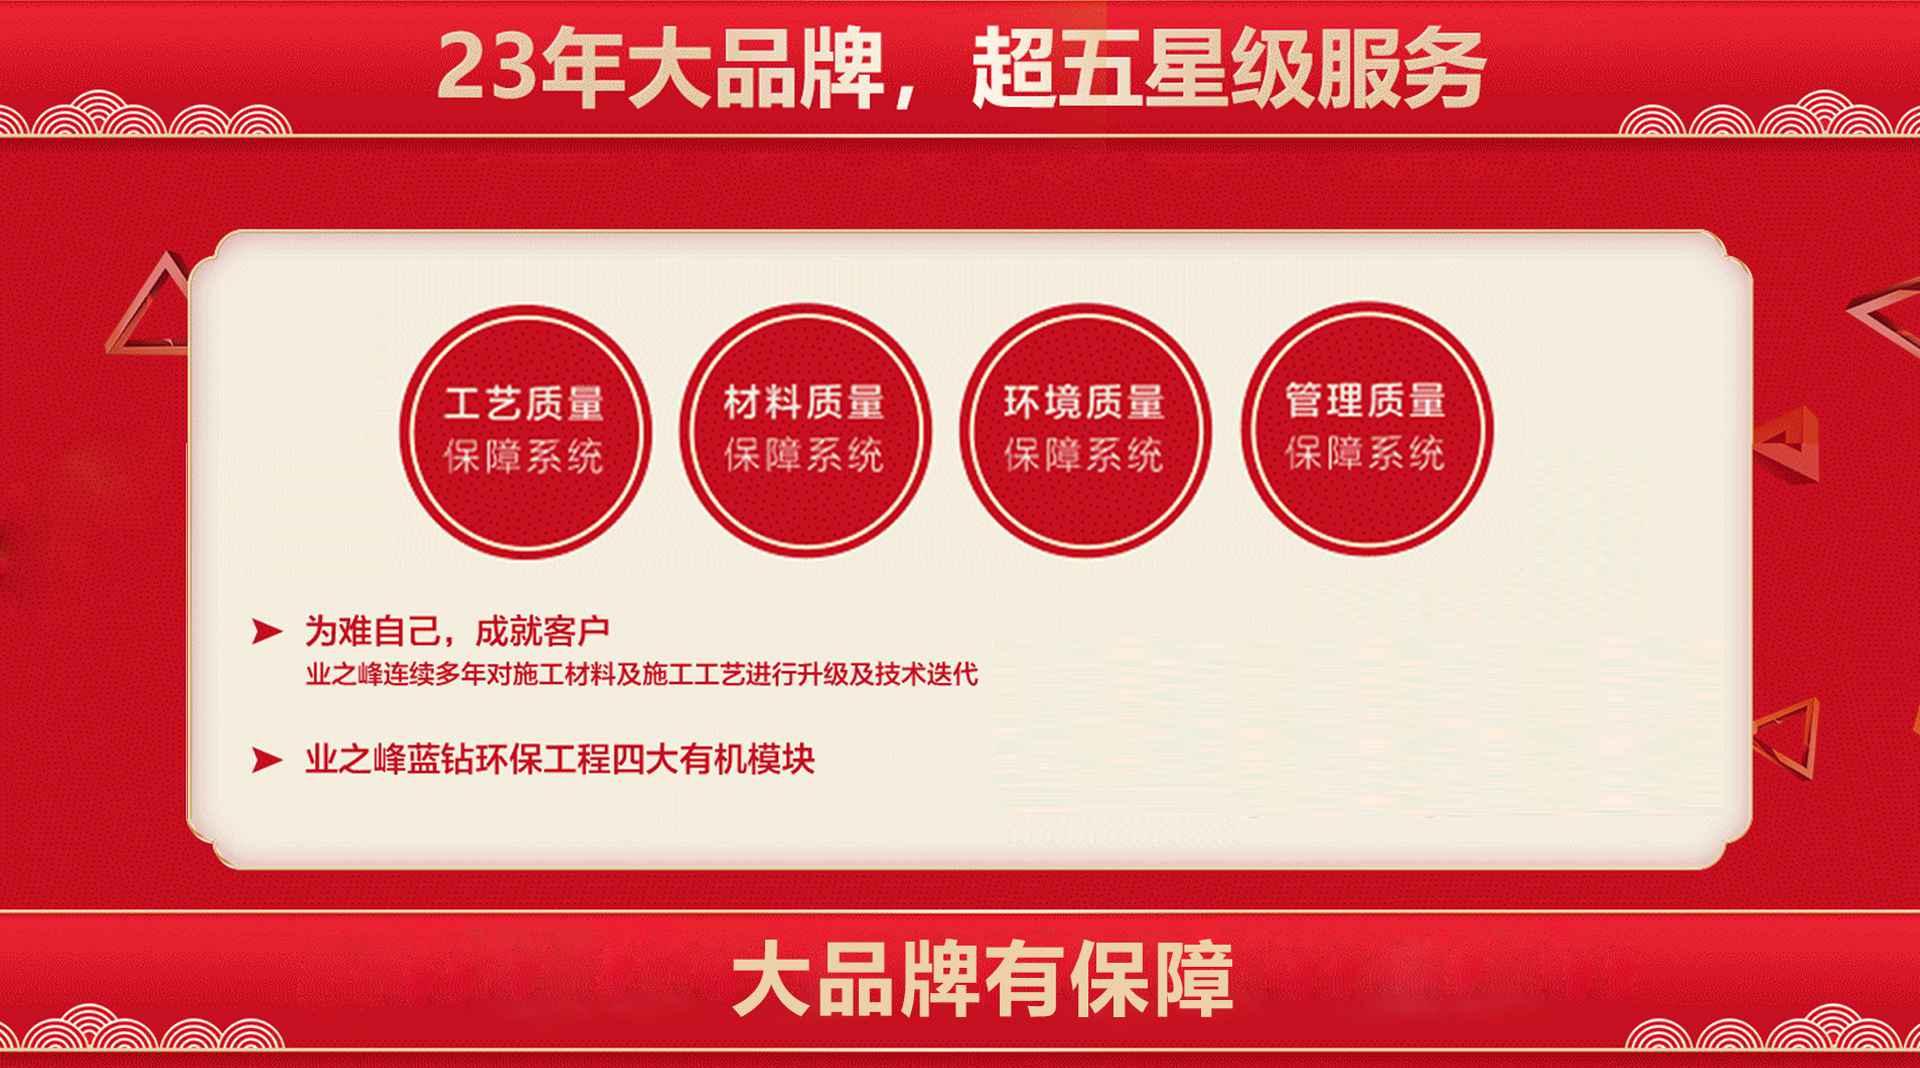 业之峰装饰集团——919峰狂购~~